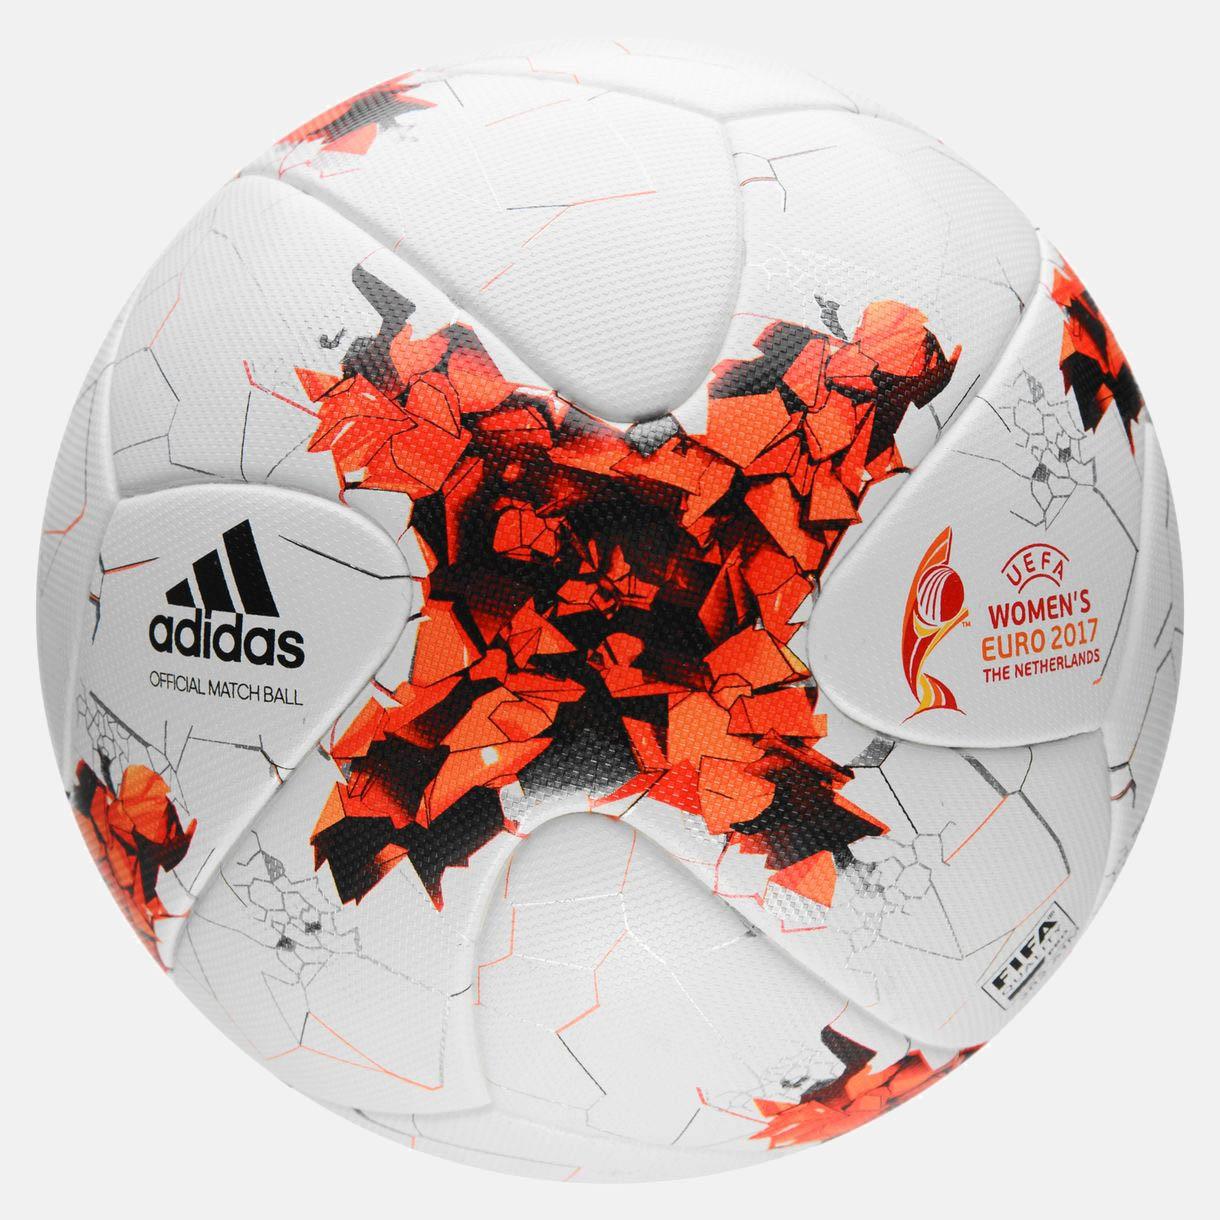 adidas rinde homenaje a Holanda en el balón de la Euro 2017 e89dee2b9b7cb